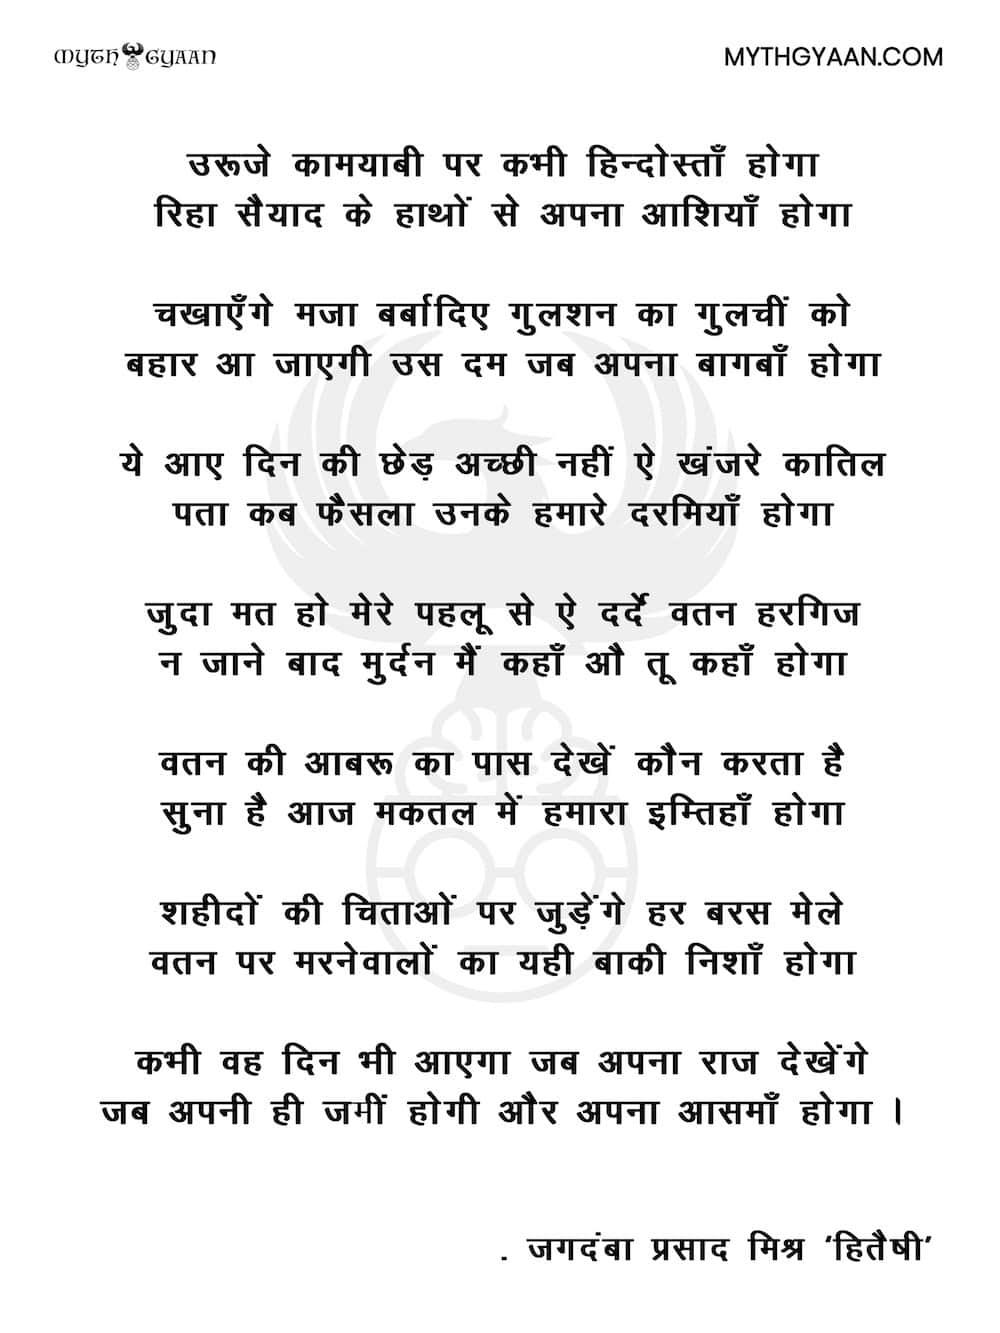 Shaheedo ki mazaron par lagenge har baras mele, vatan pe marne walon ka baki yahi nishan hoga. - Mythgyaan